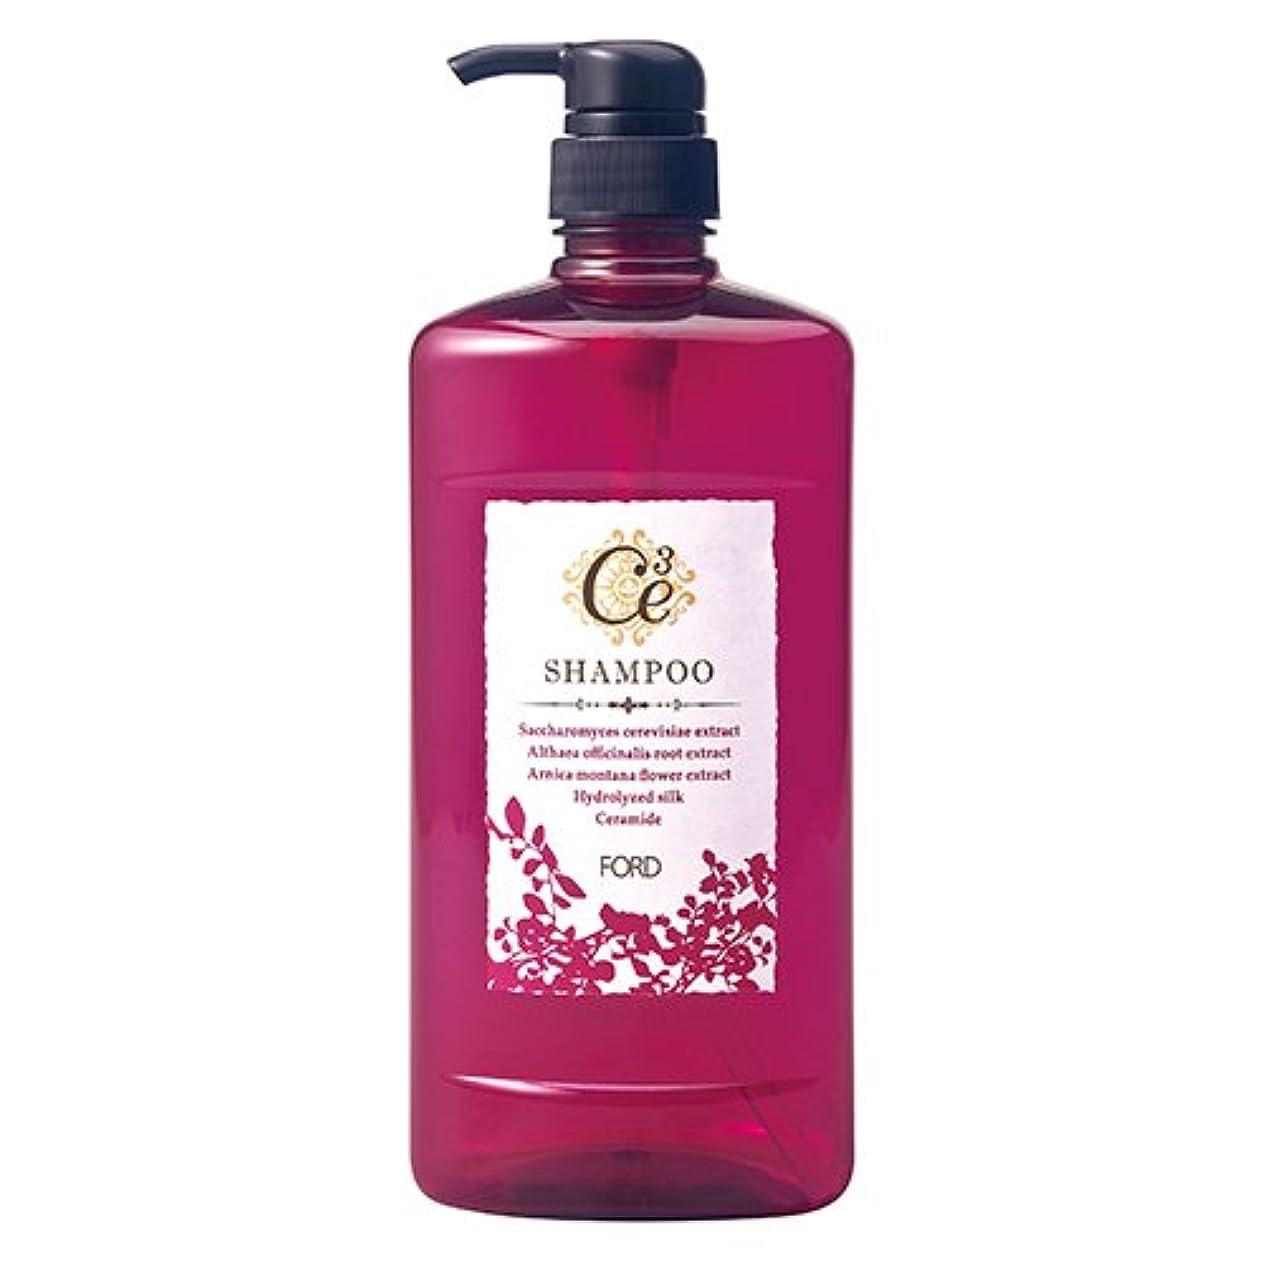 露出度の高い出版洗剤フォードヘア化粧品 CE3 シャンプー 1000ml